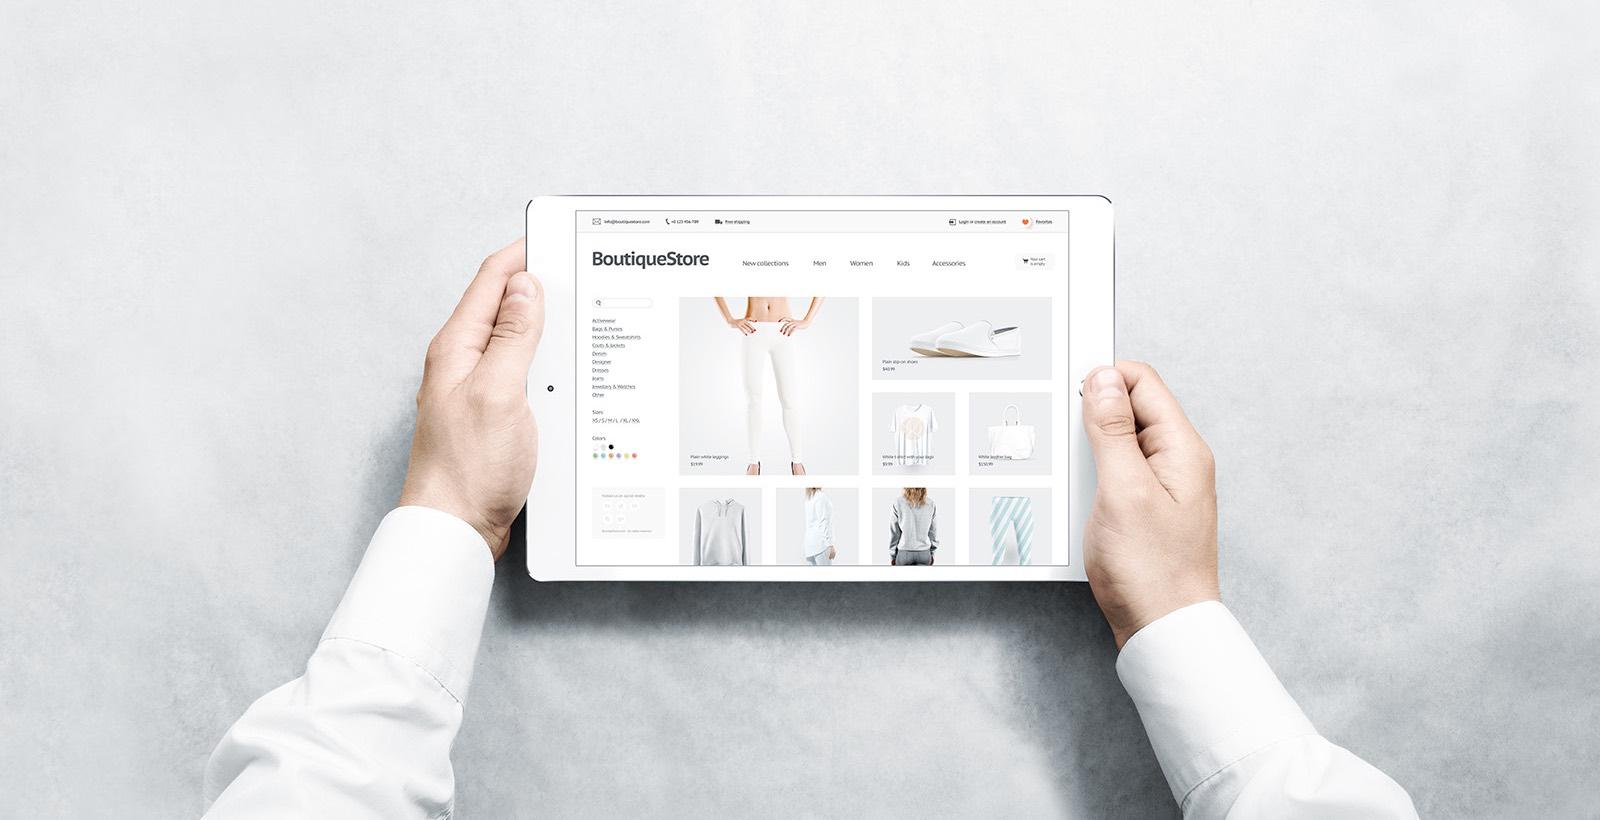 Diferencias WooCommerce vs Shopify: diseño y personalización